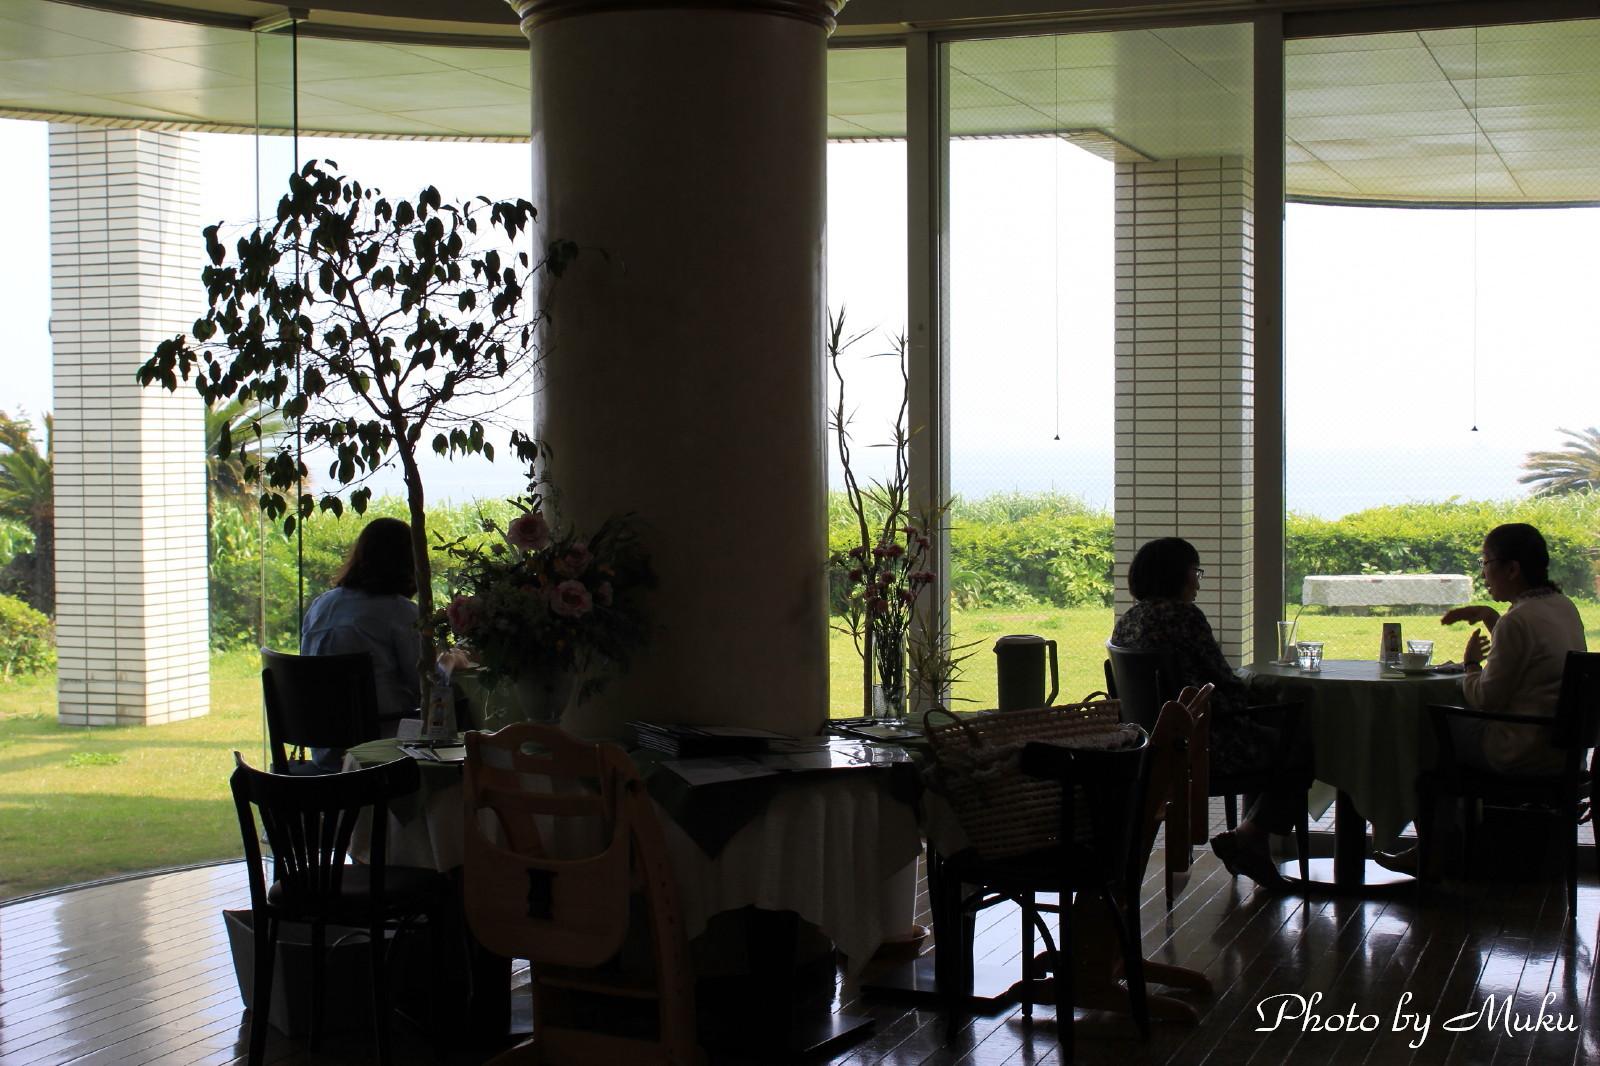 2014/06/03  レストランMateria (観音崎:神奈川県横須賀市)